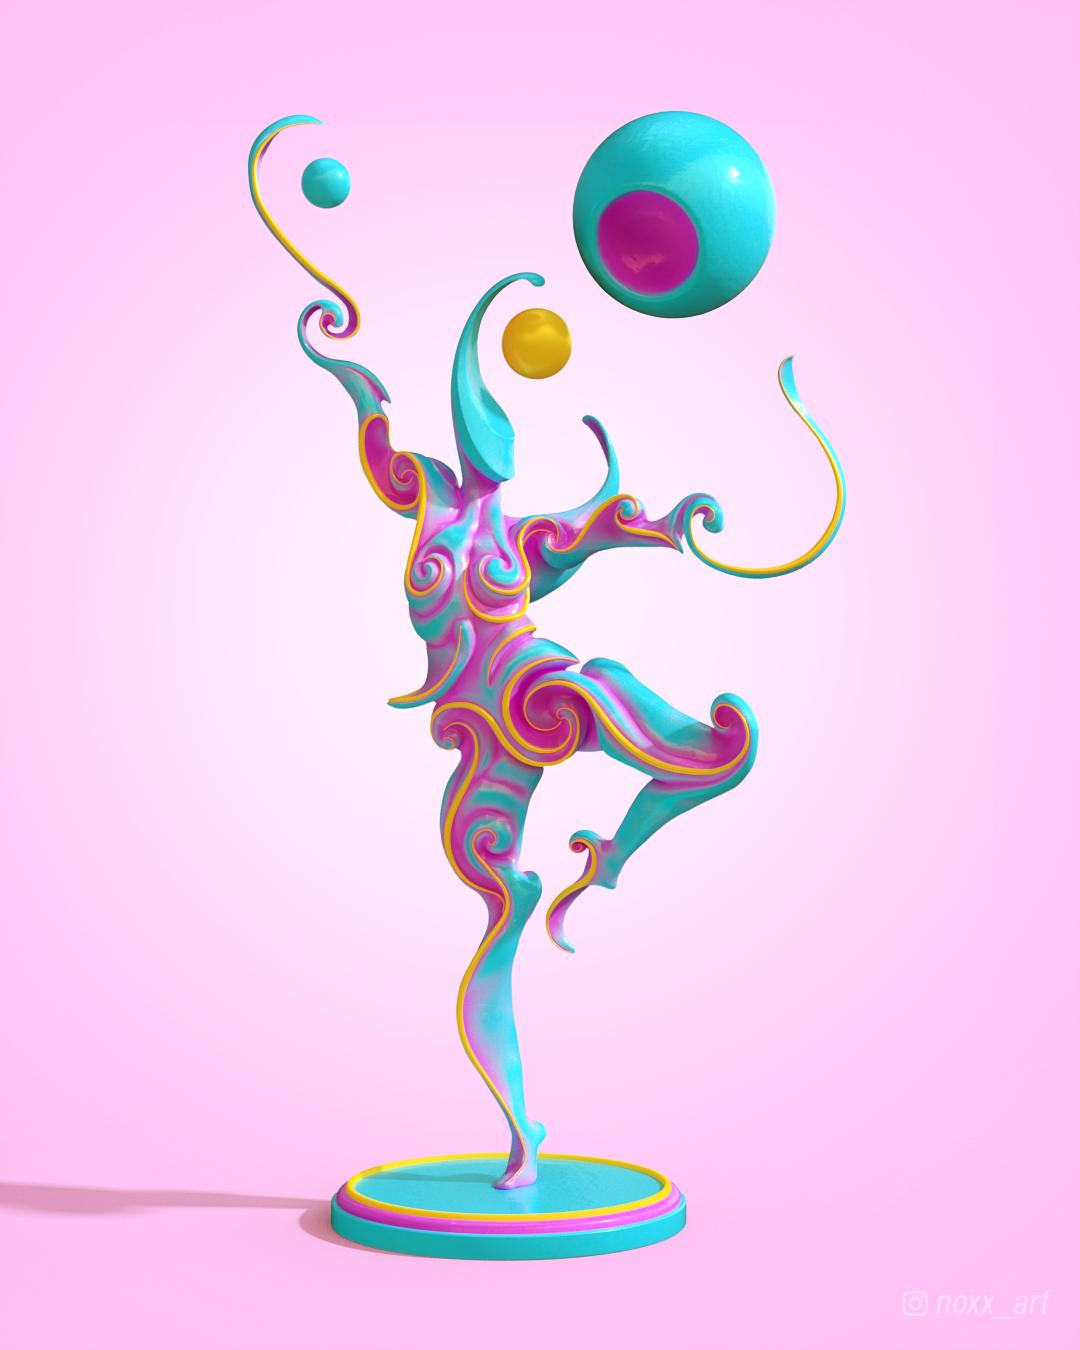 DancingFlow_03